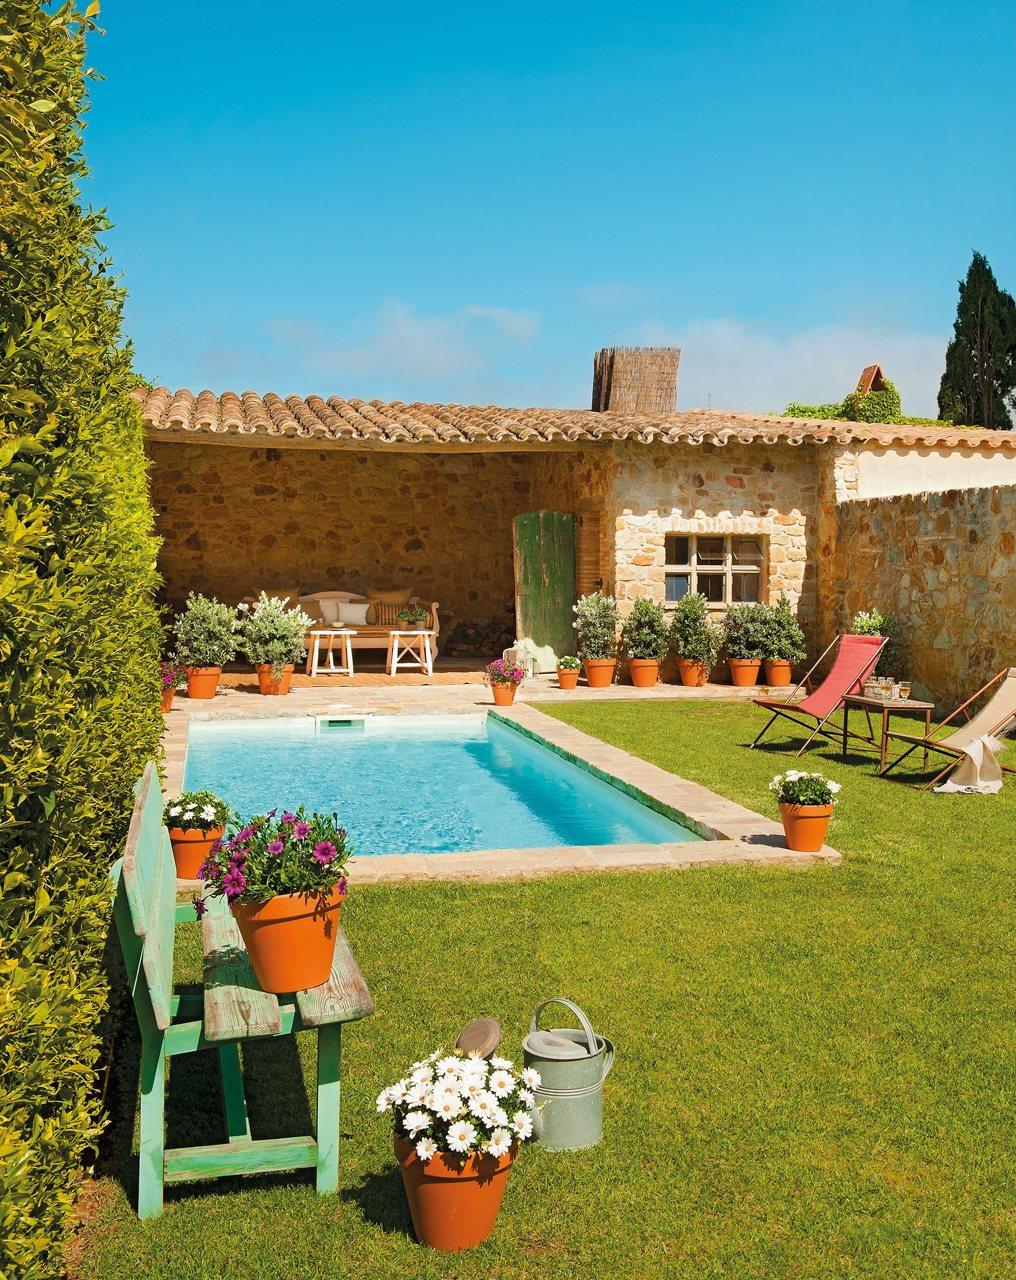 Una impresionante casa r stica del ampurd n for Fotos de casas de campo con piscina